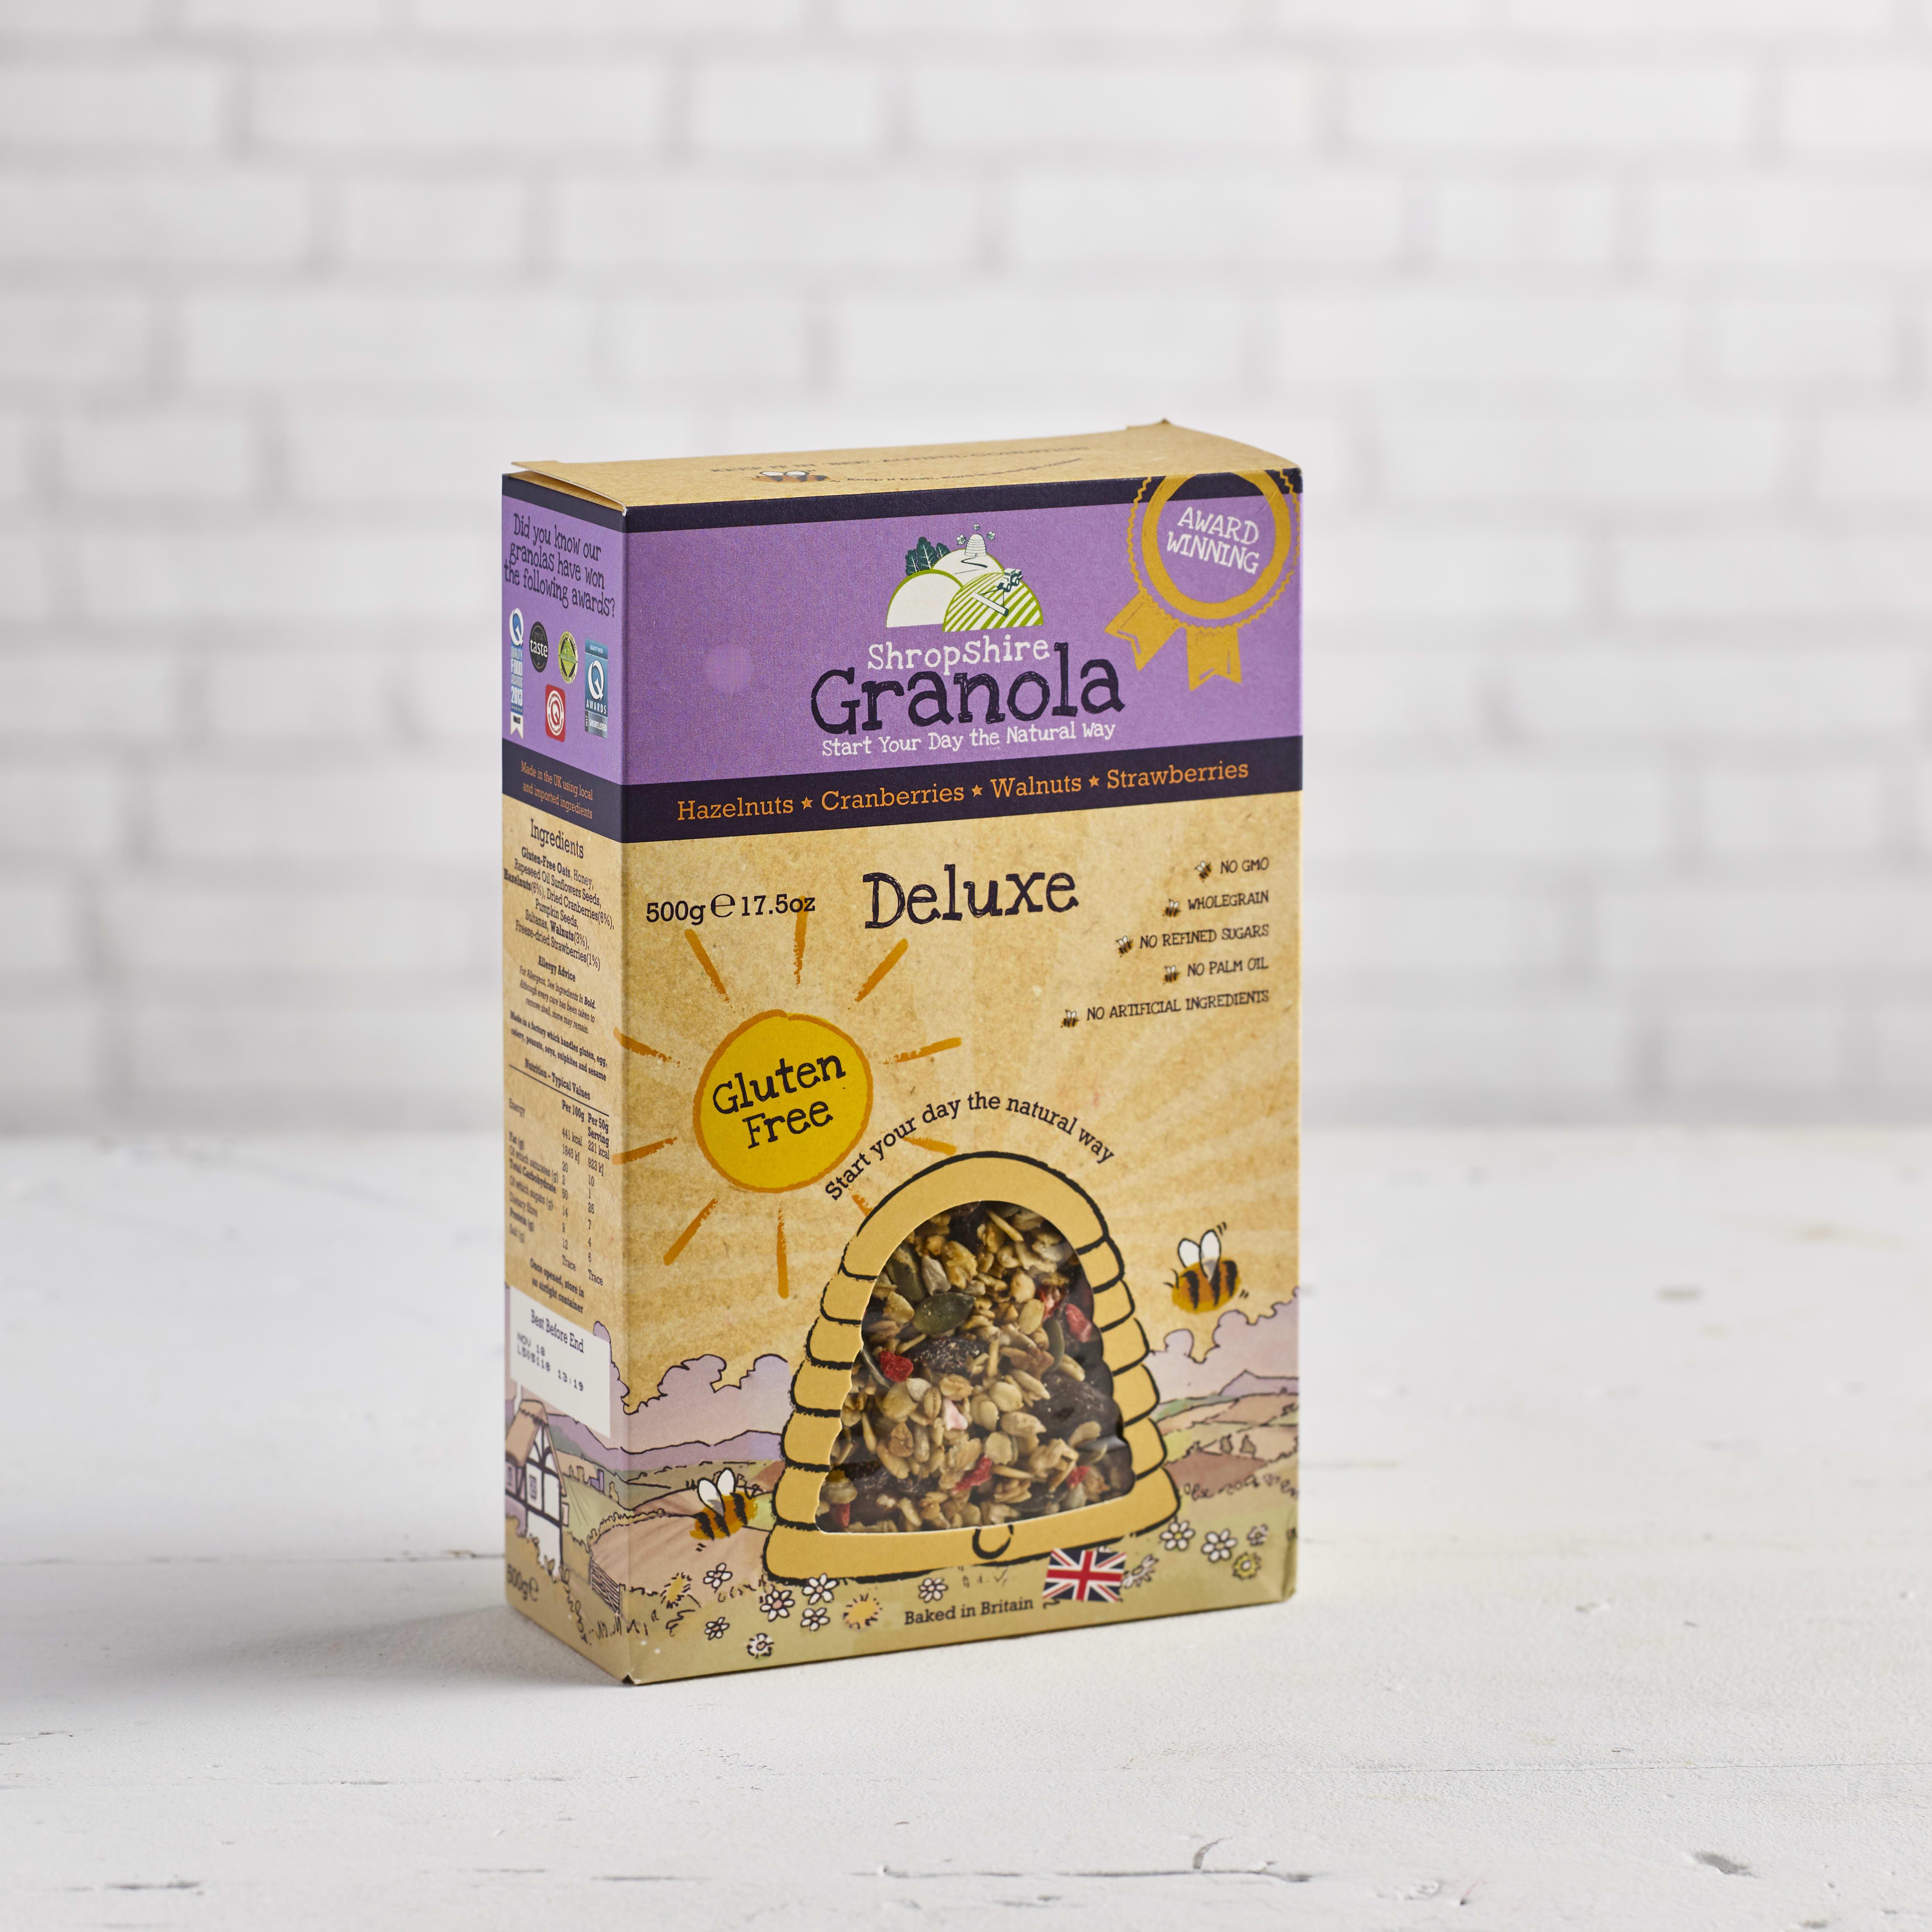 Shropshire Granola Deluxe Gluten Free Cranberries, Sultanas, Hazelnuts & Walnuts, 500g